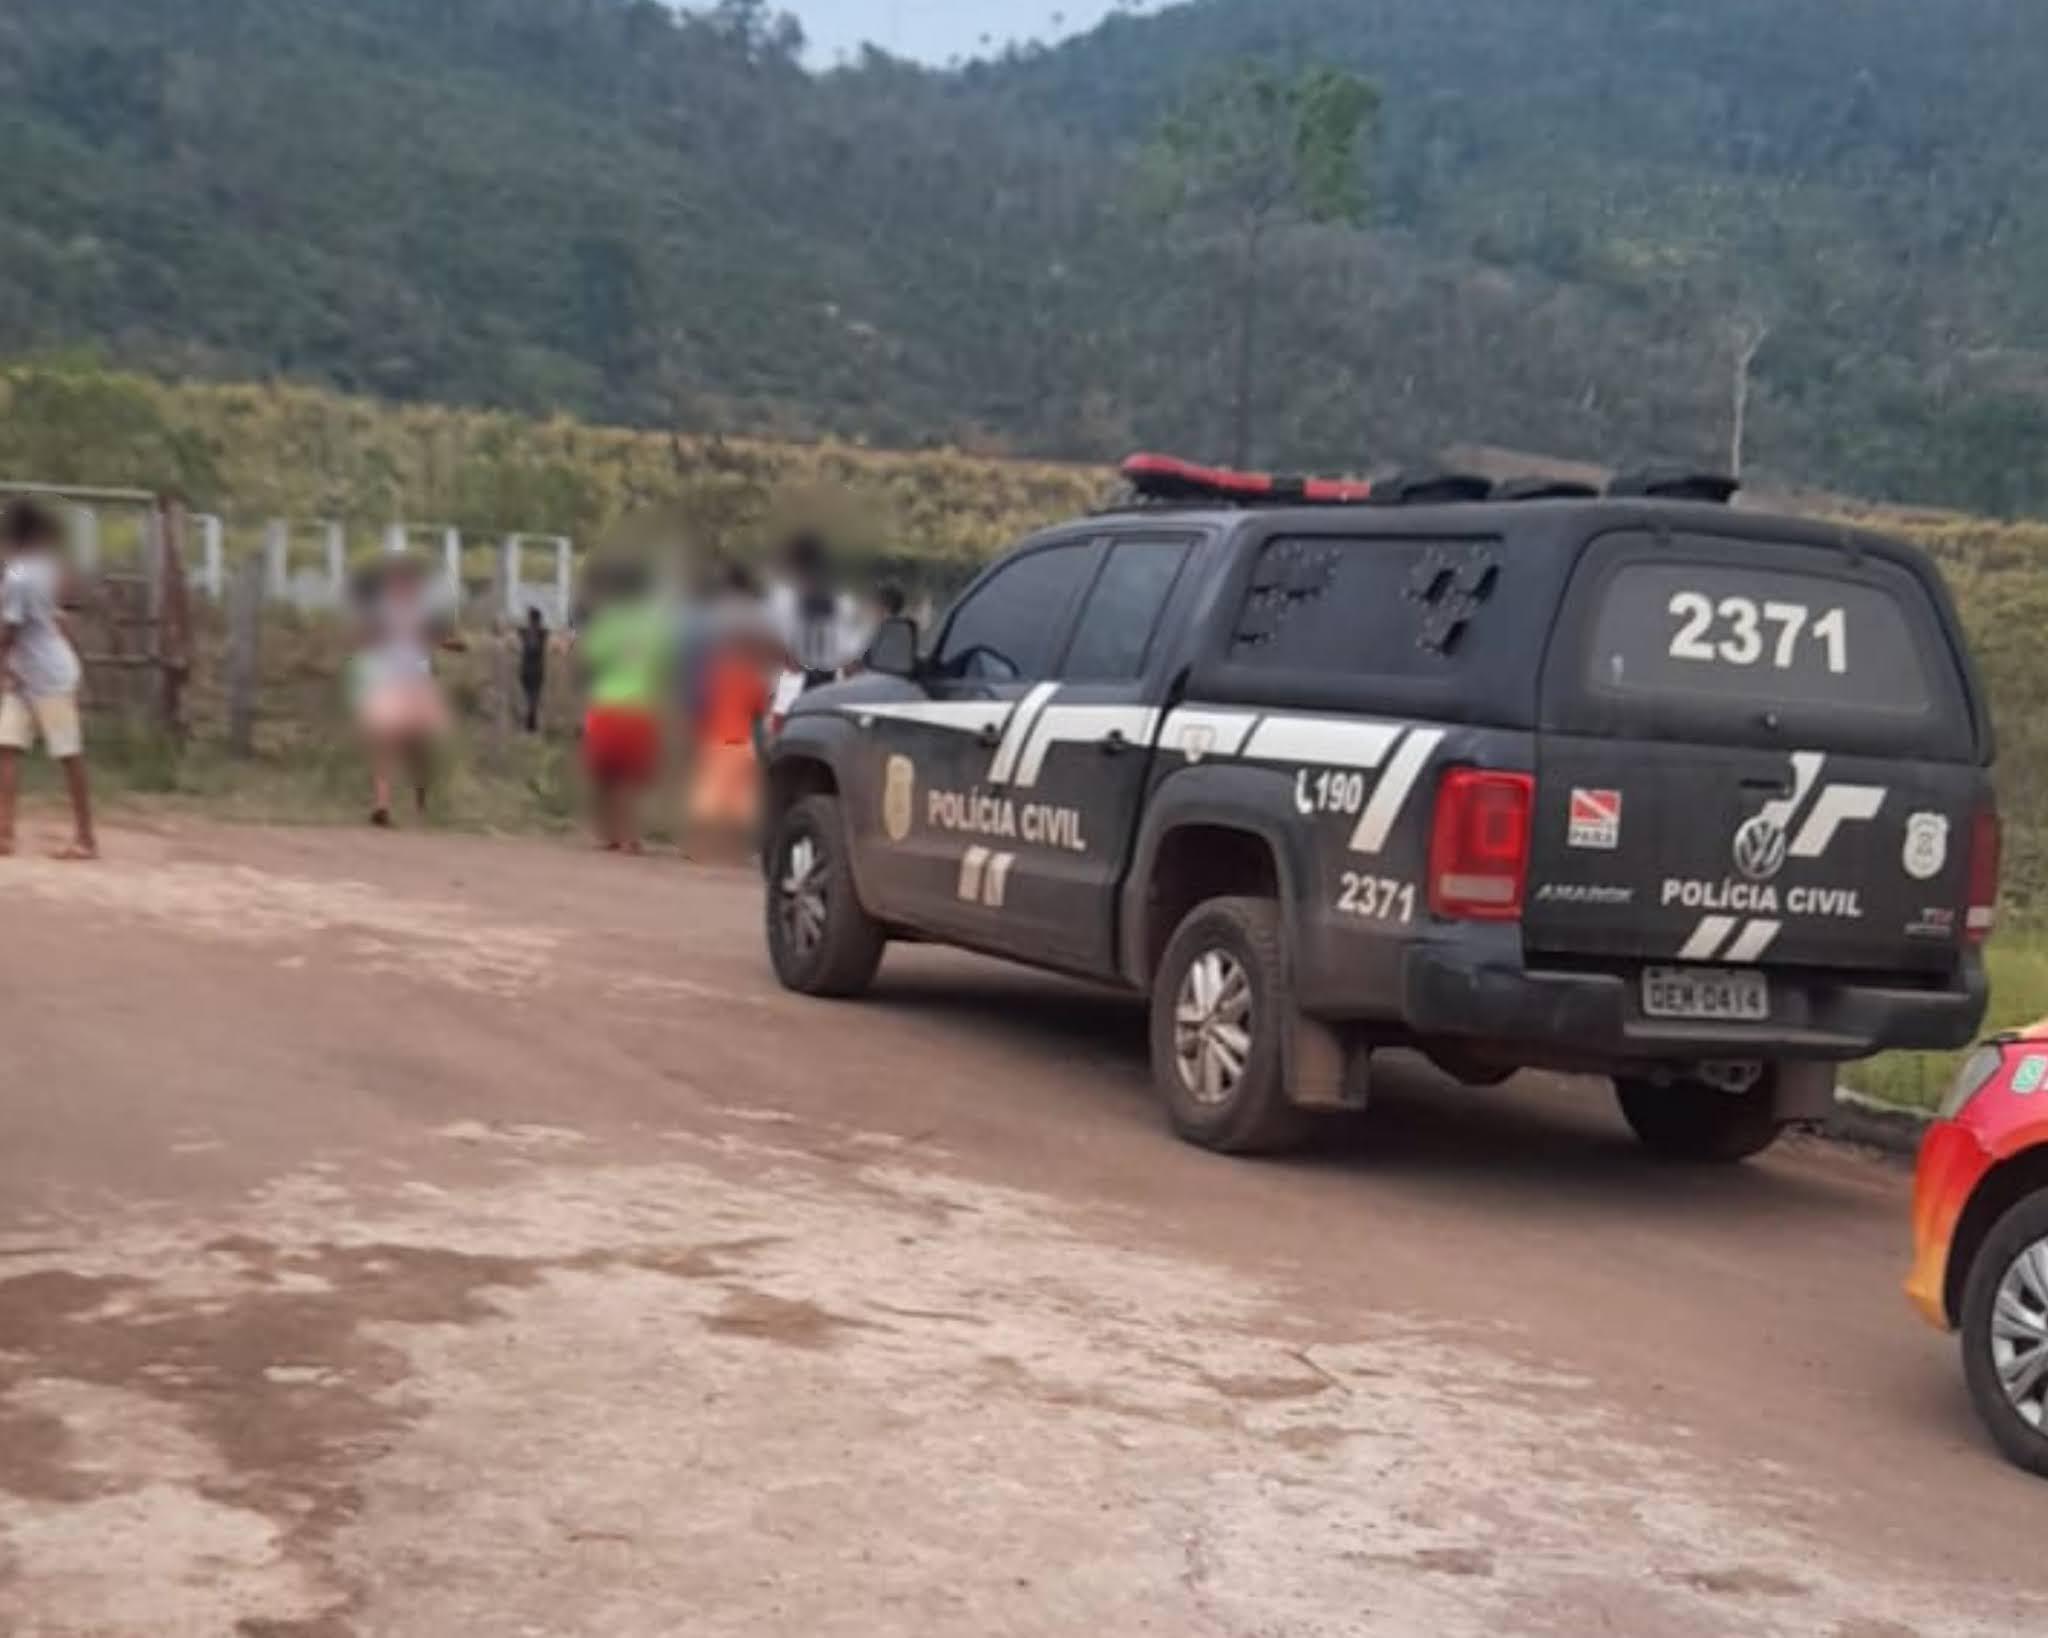 Chacina: cinco jovens encontrados mortos e degolados em Parauapebas